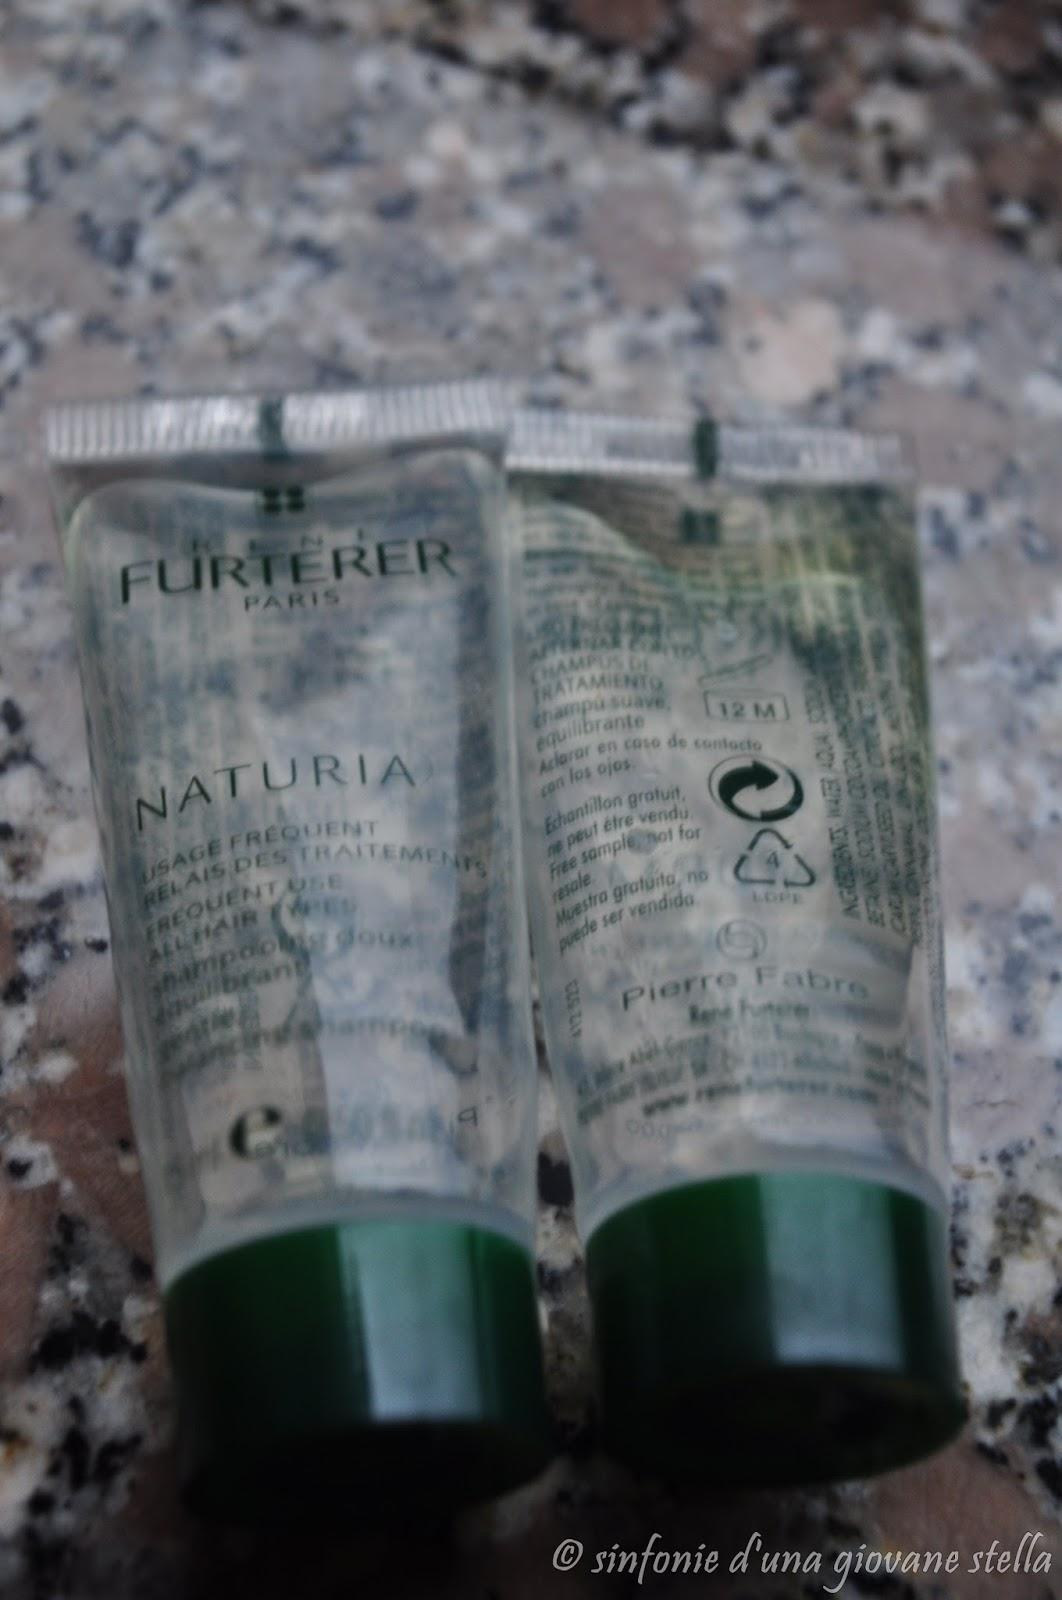 review ● rené furterer naturia shampoo delicato